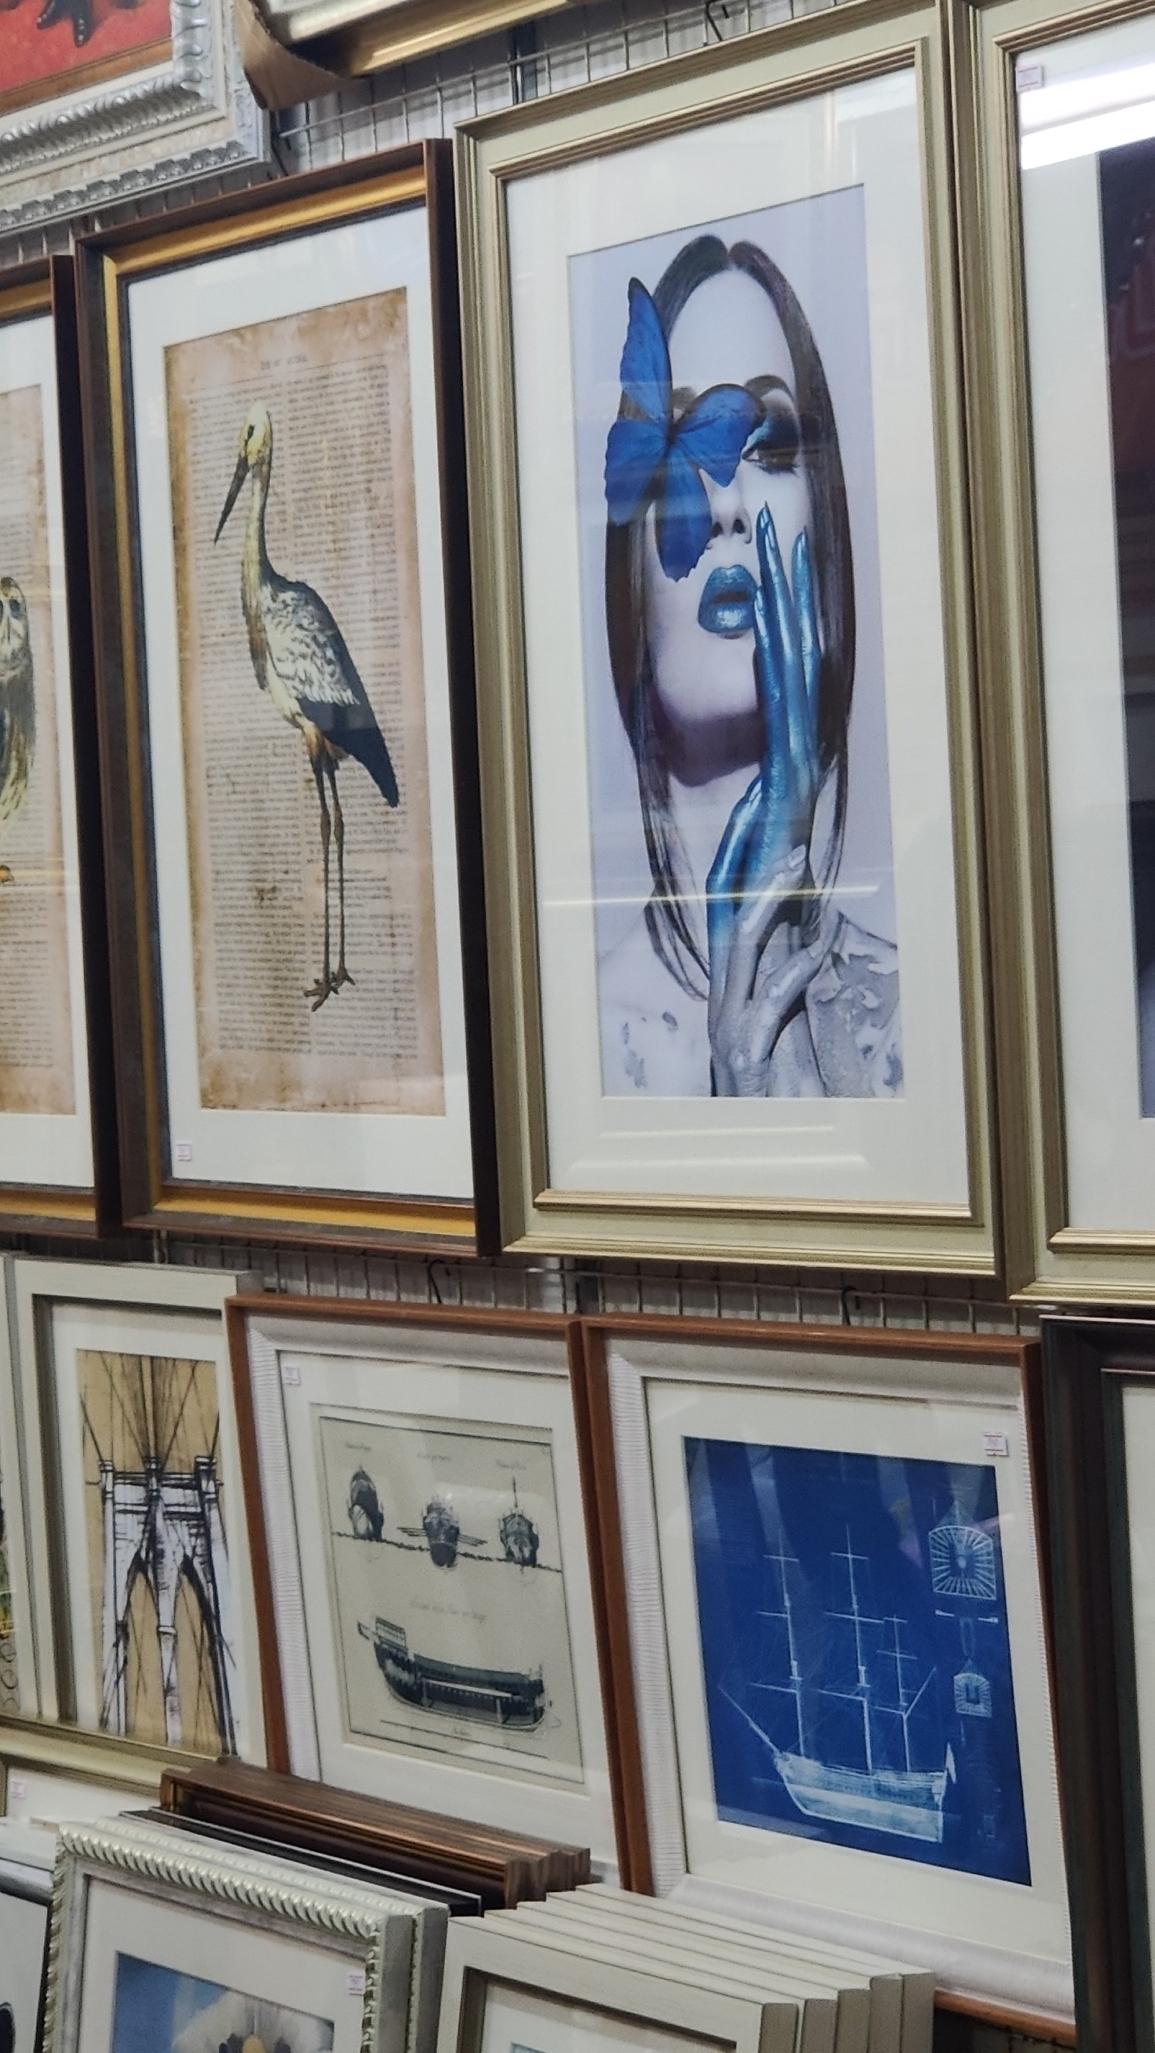 ร้านกรอบรูป กรุงเทพ, ช็อปร้านกรอบรูปร้านไหนดี ในกรุงเทพ, กรอบรูปดอทคอม